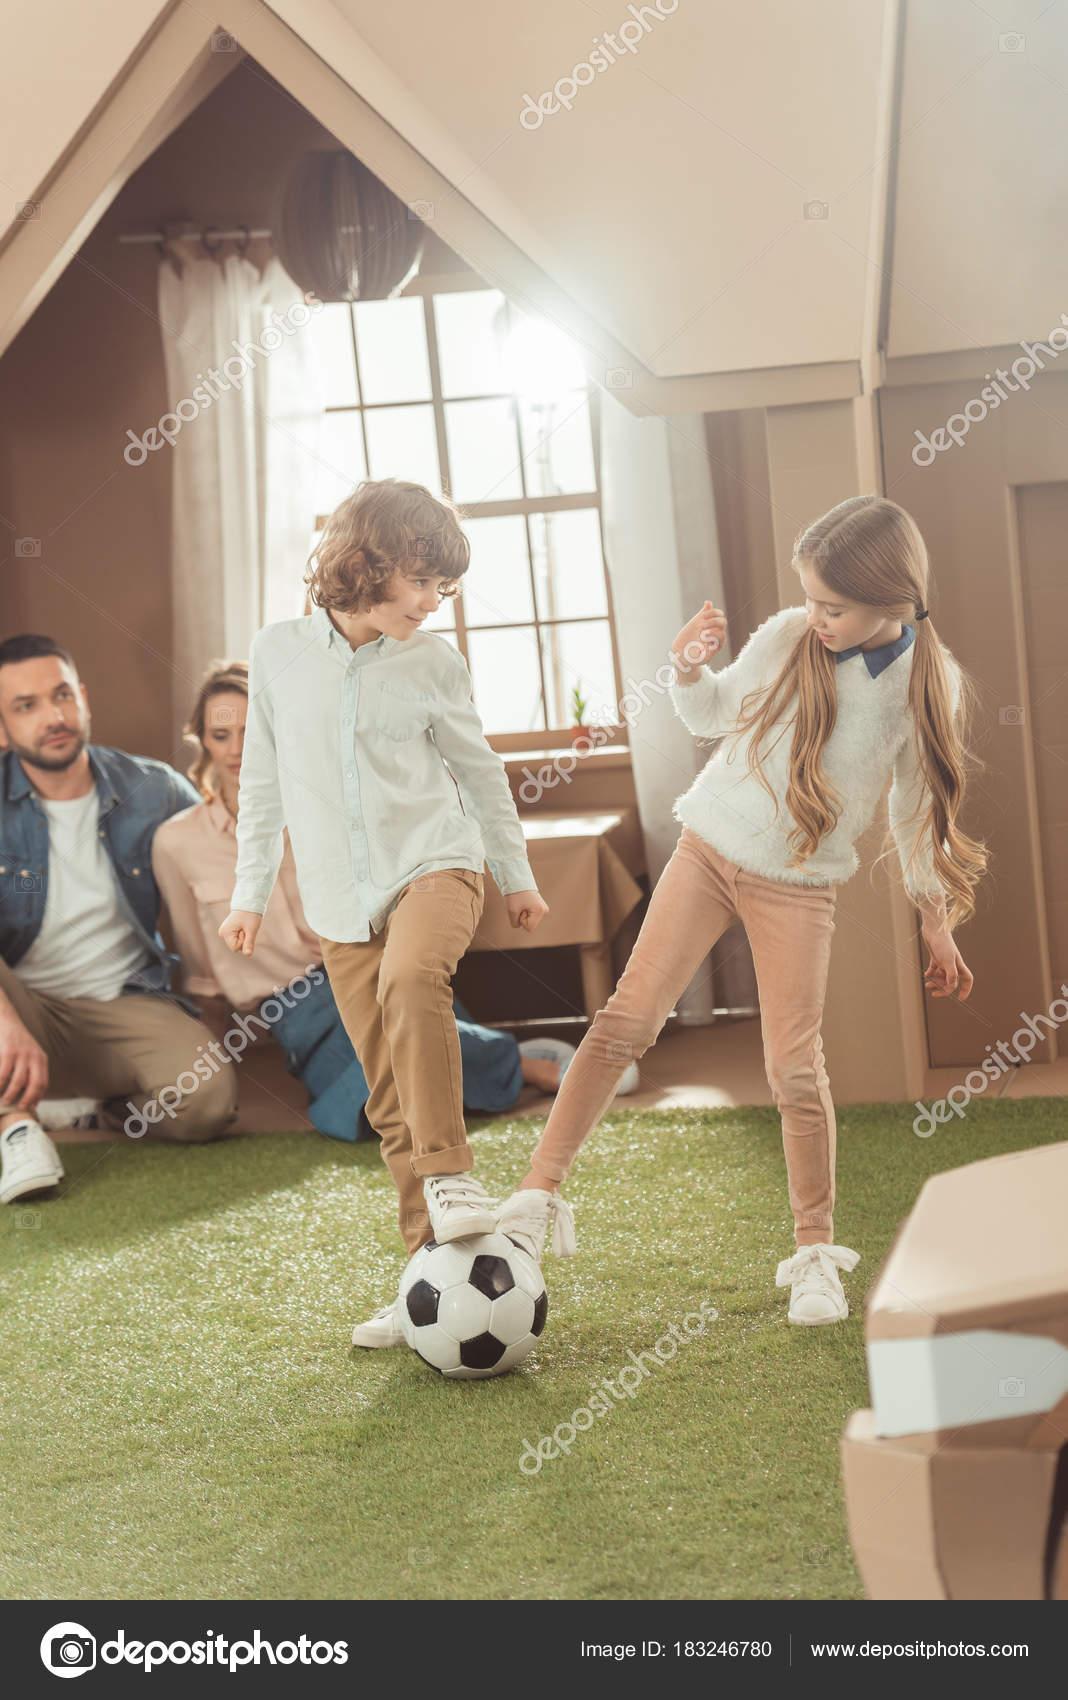 Грати Футбол Дворі Картонні Будинку Батьки Дивлячись Братів Сестер ... 0786ef856e867